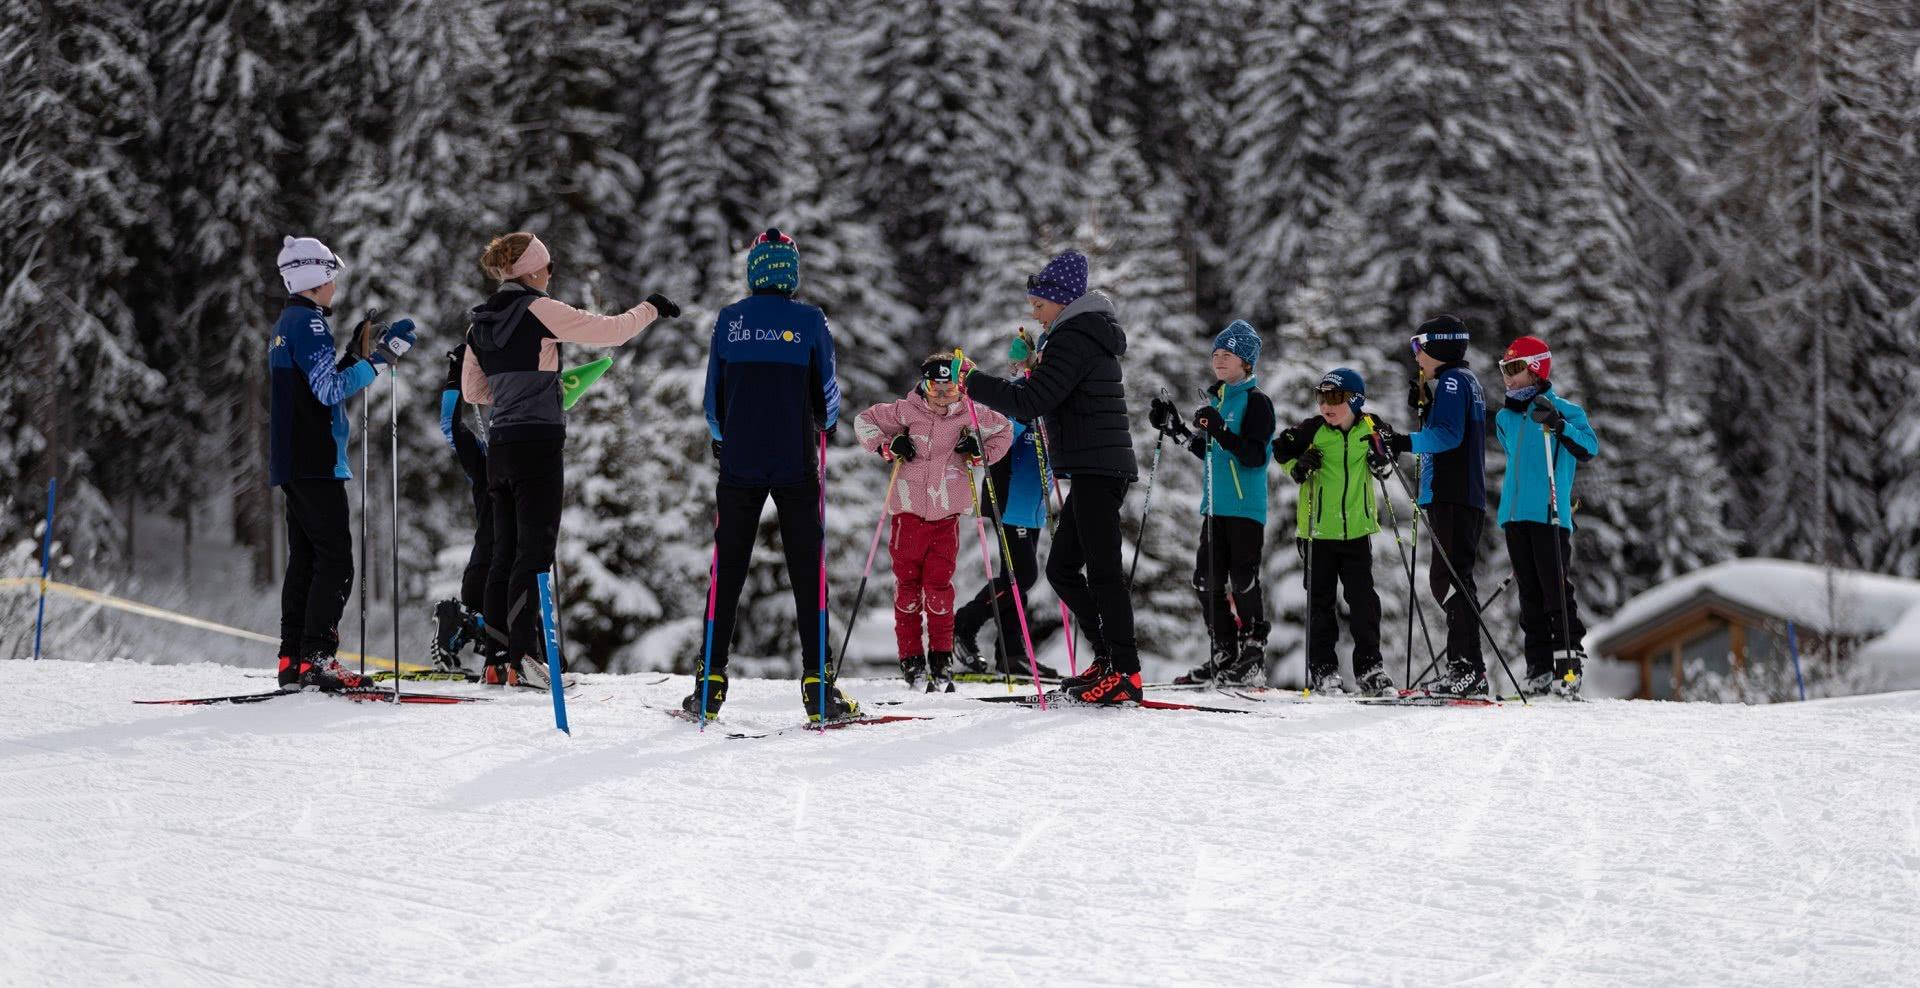 Foto: un gruppo di bambini durante il briefing sulla neve prima dell'allenamento